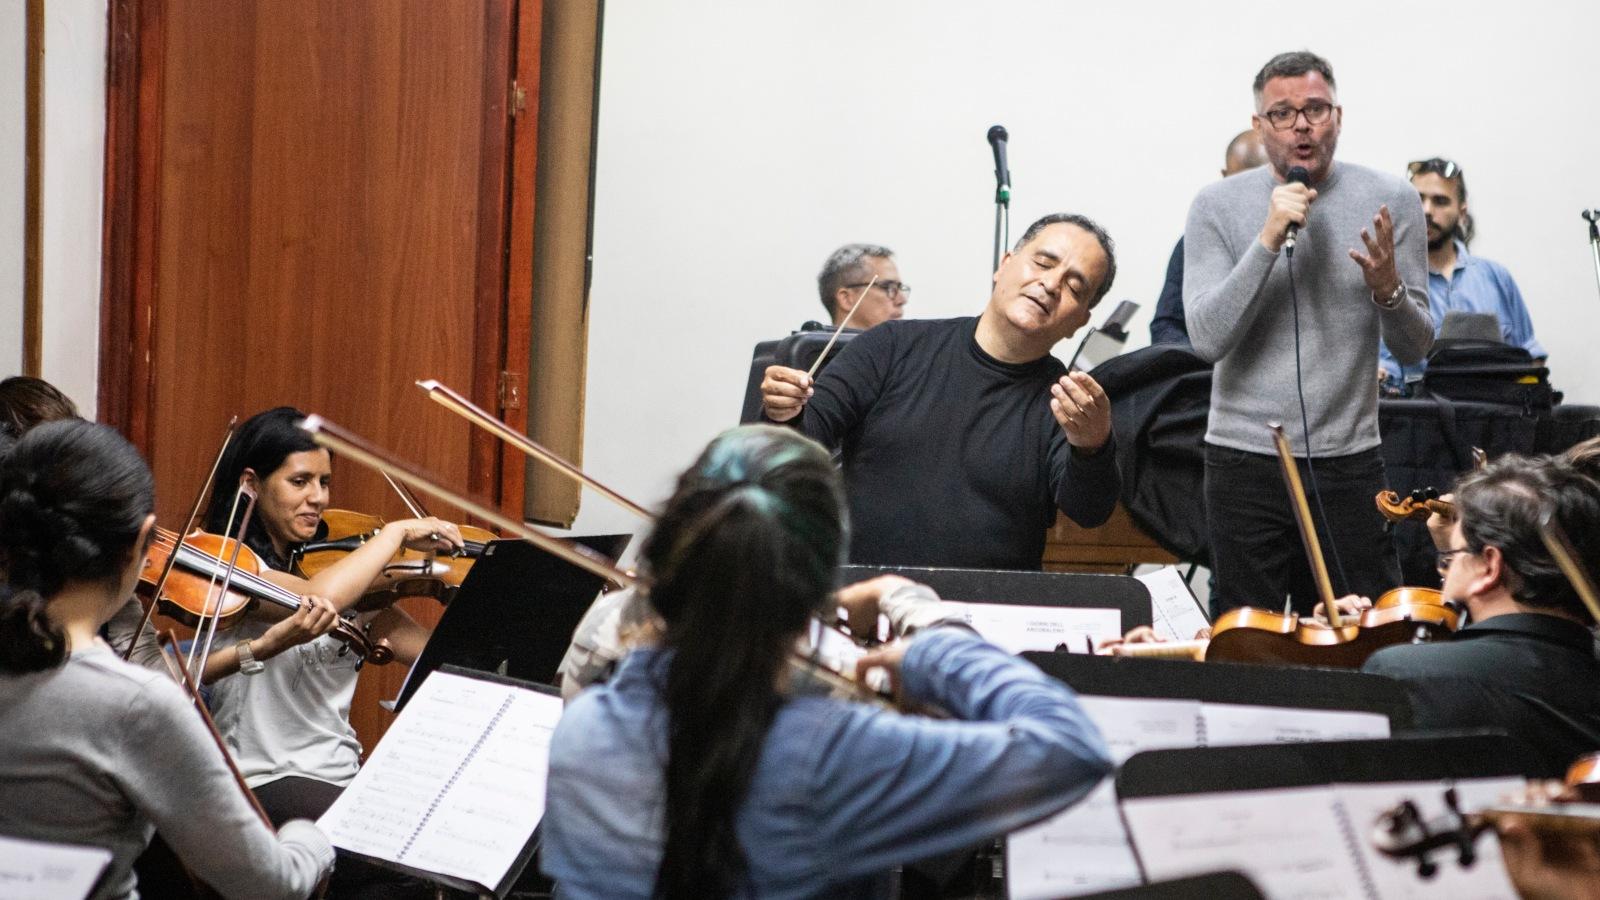 La música también migra: el concierto que darán cantantes venezolanos en Bogotá